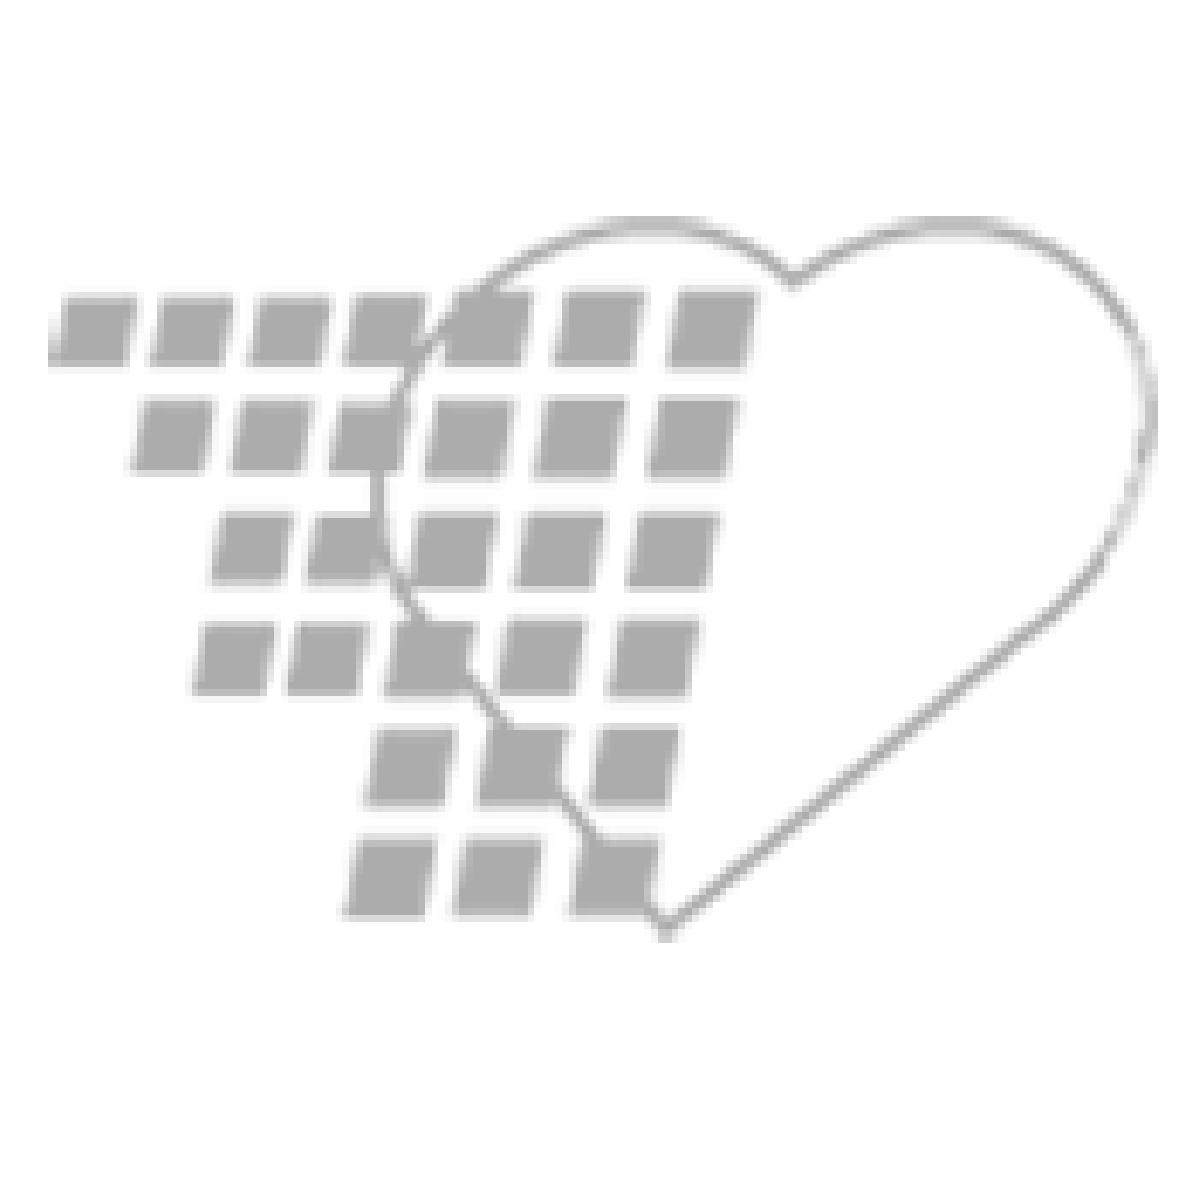 01-37-4500 - Pocket Nurse® Pre-Designed Medication Administration Kit